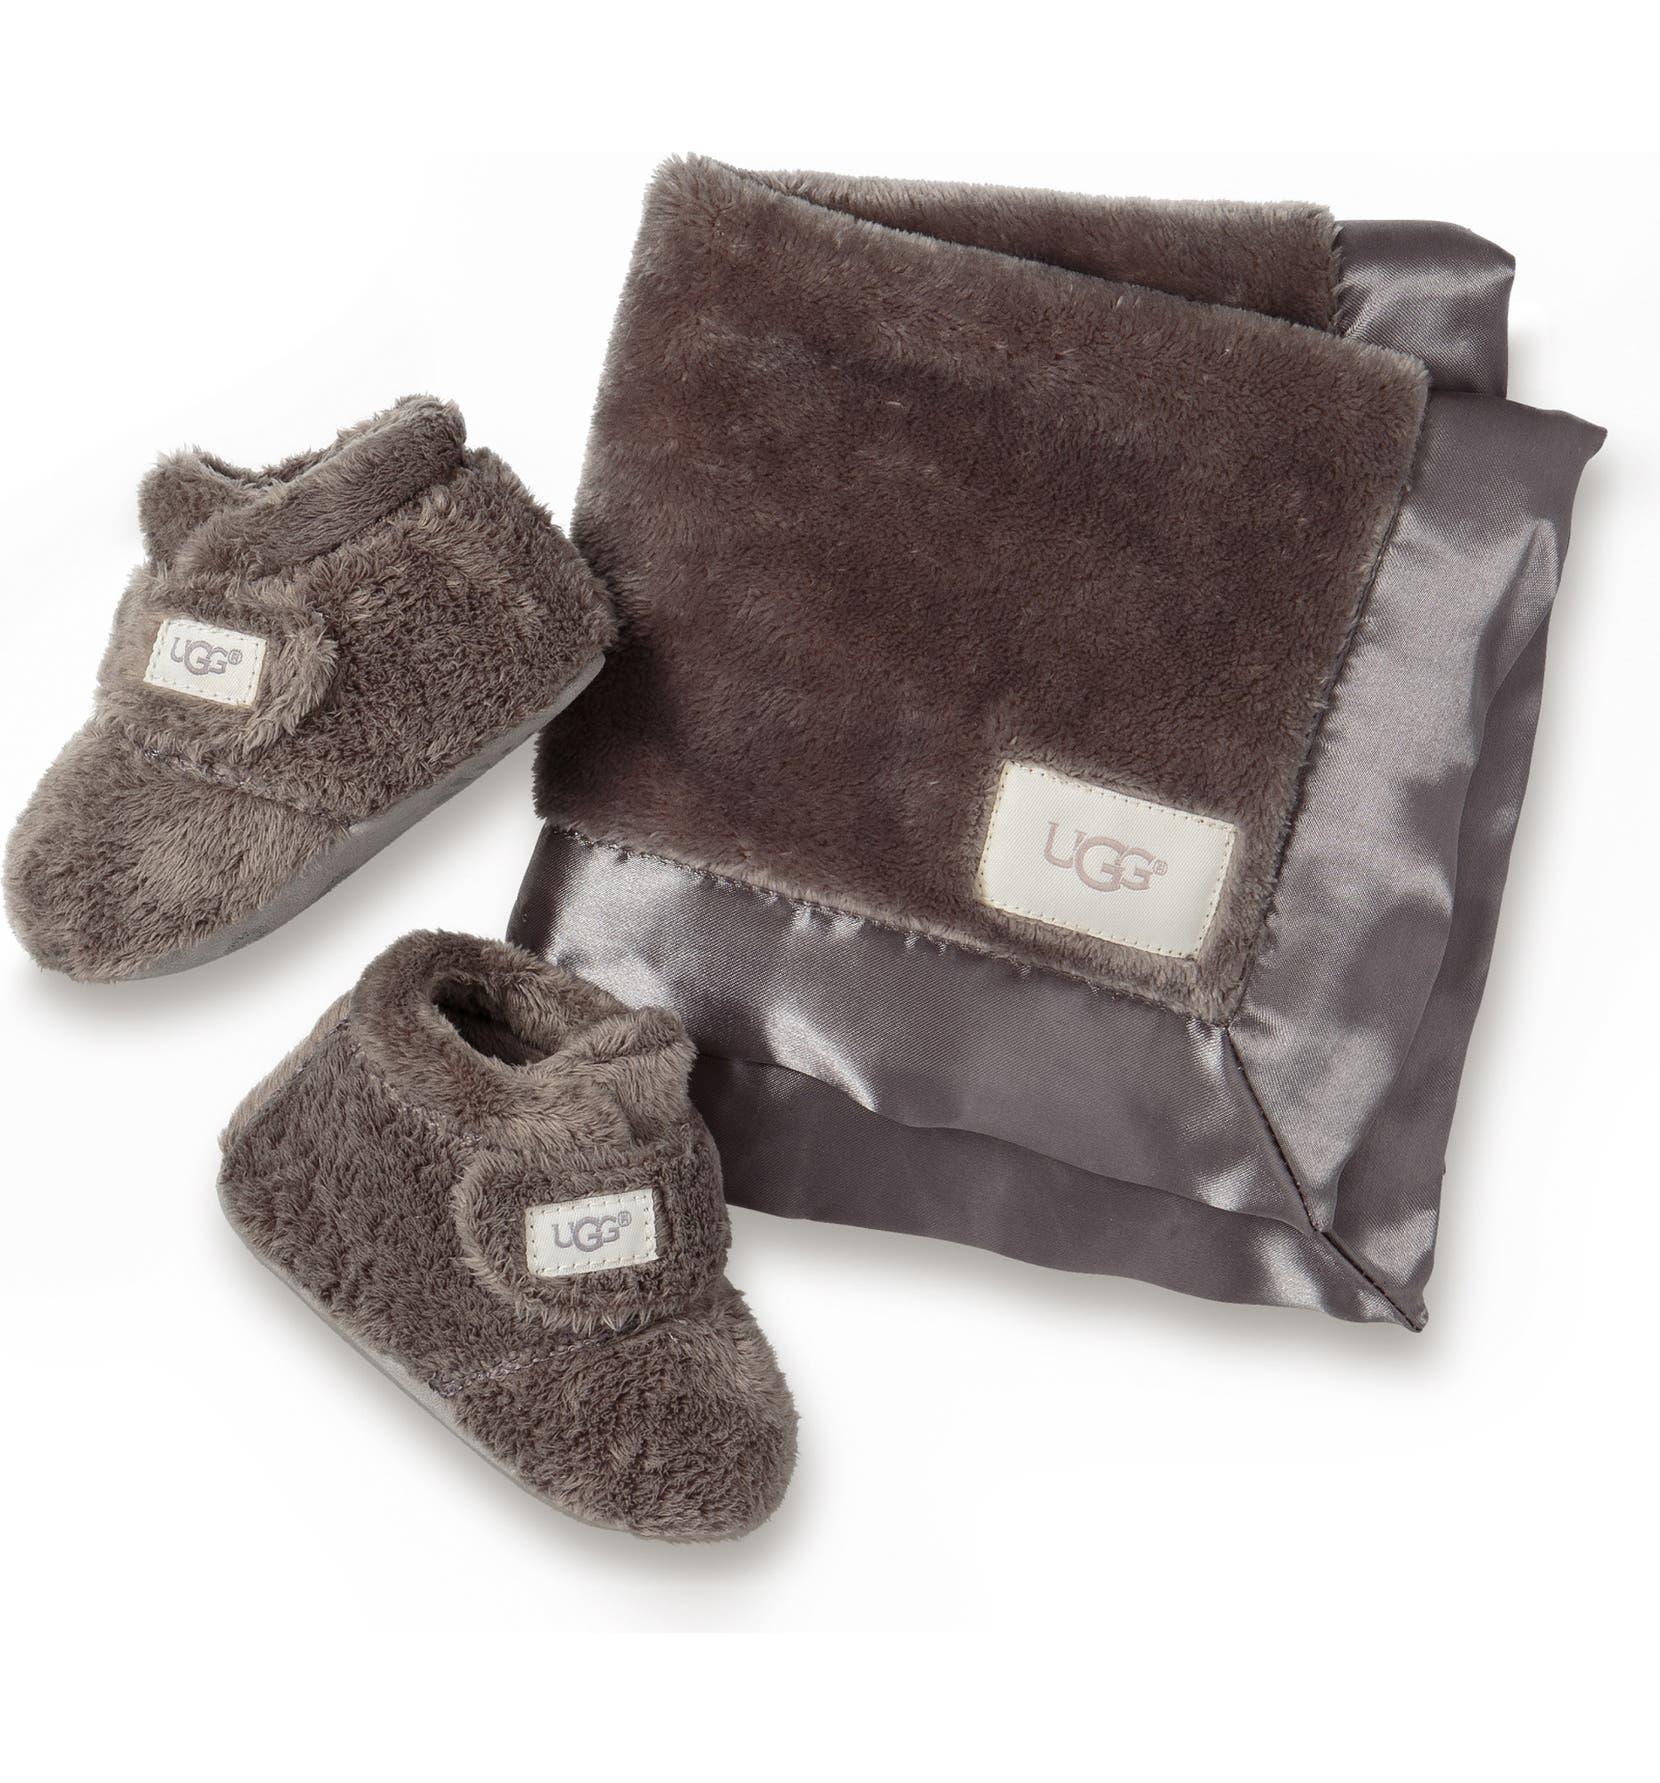 4c0b1f77d0 UGG® Bixbee Booties   Lovey Blanket Set (Baby)